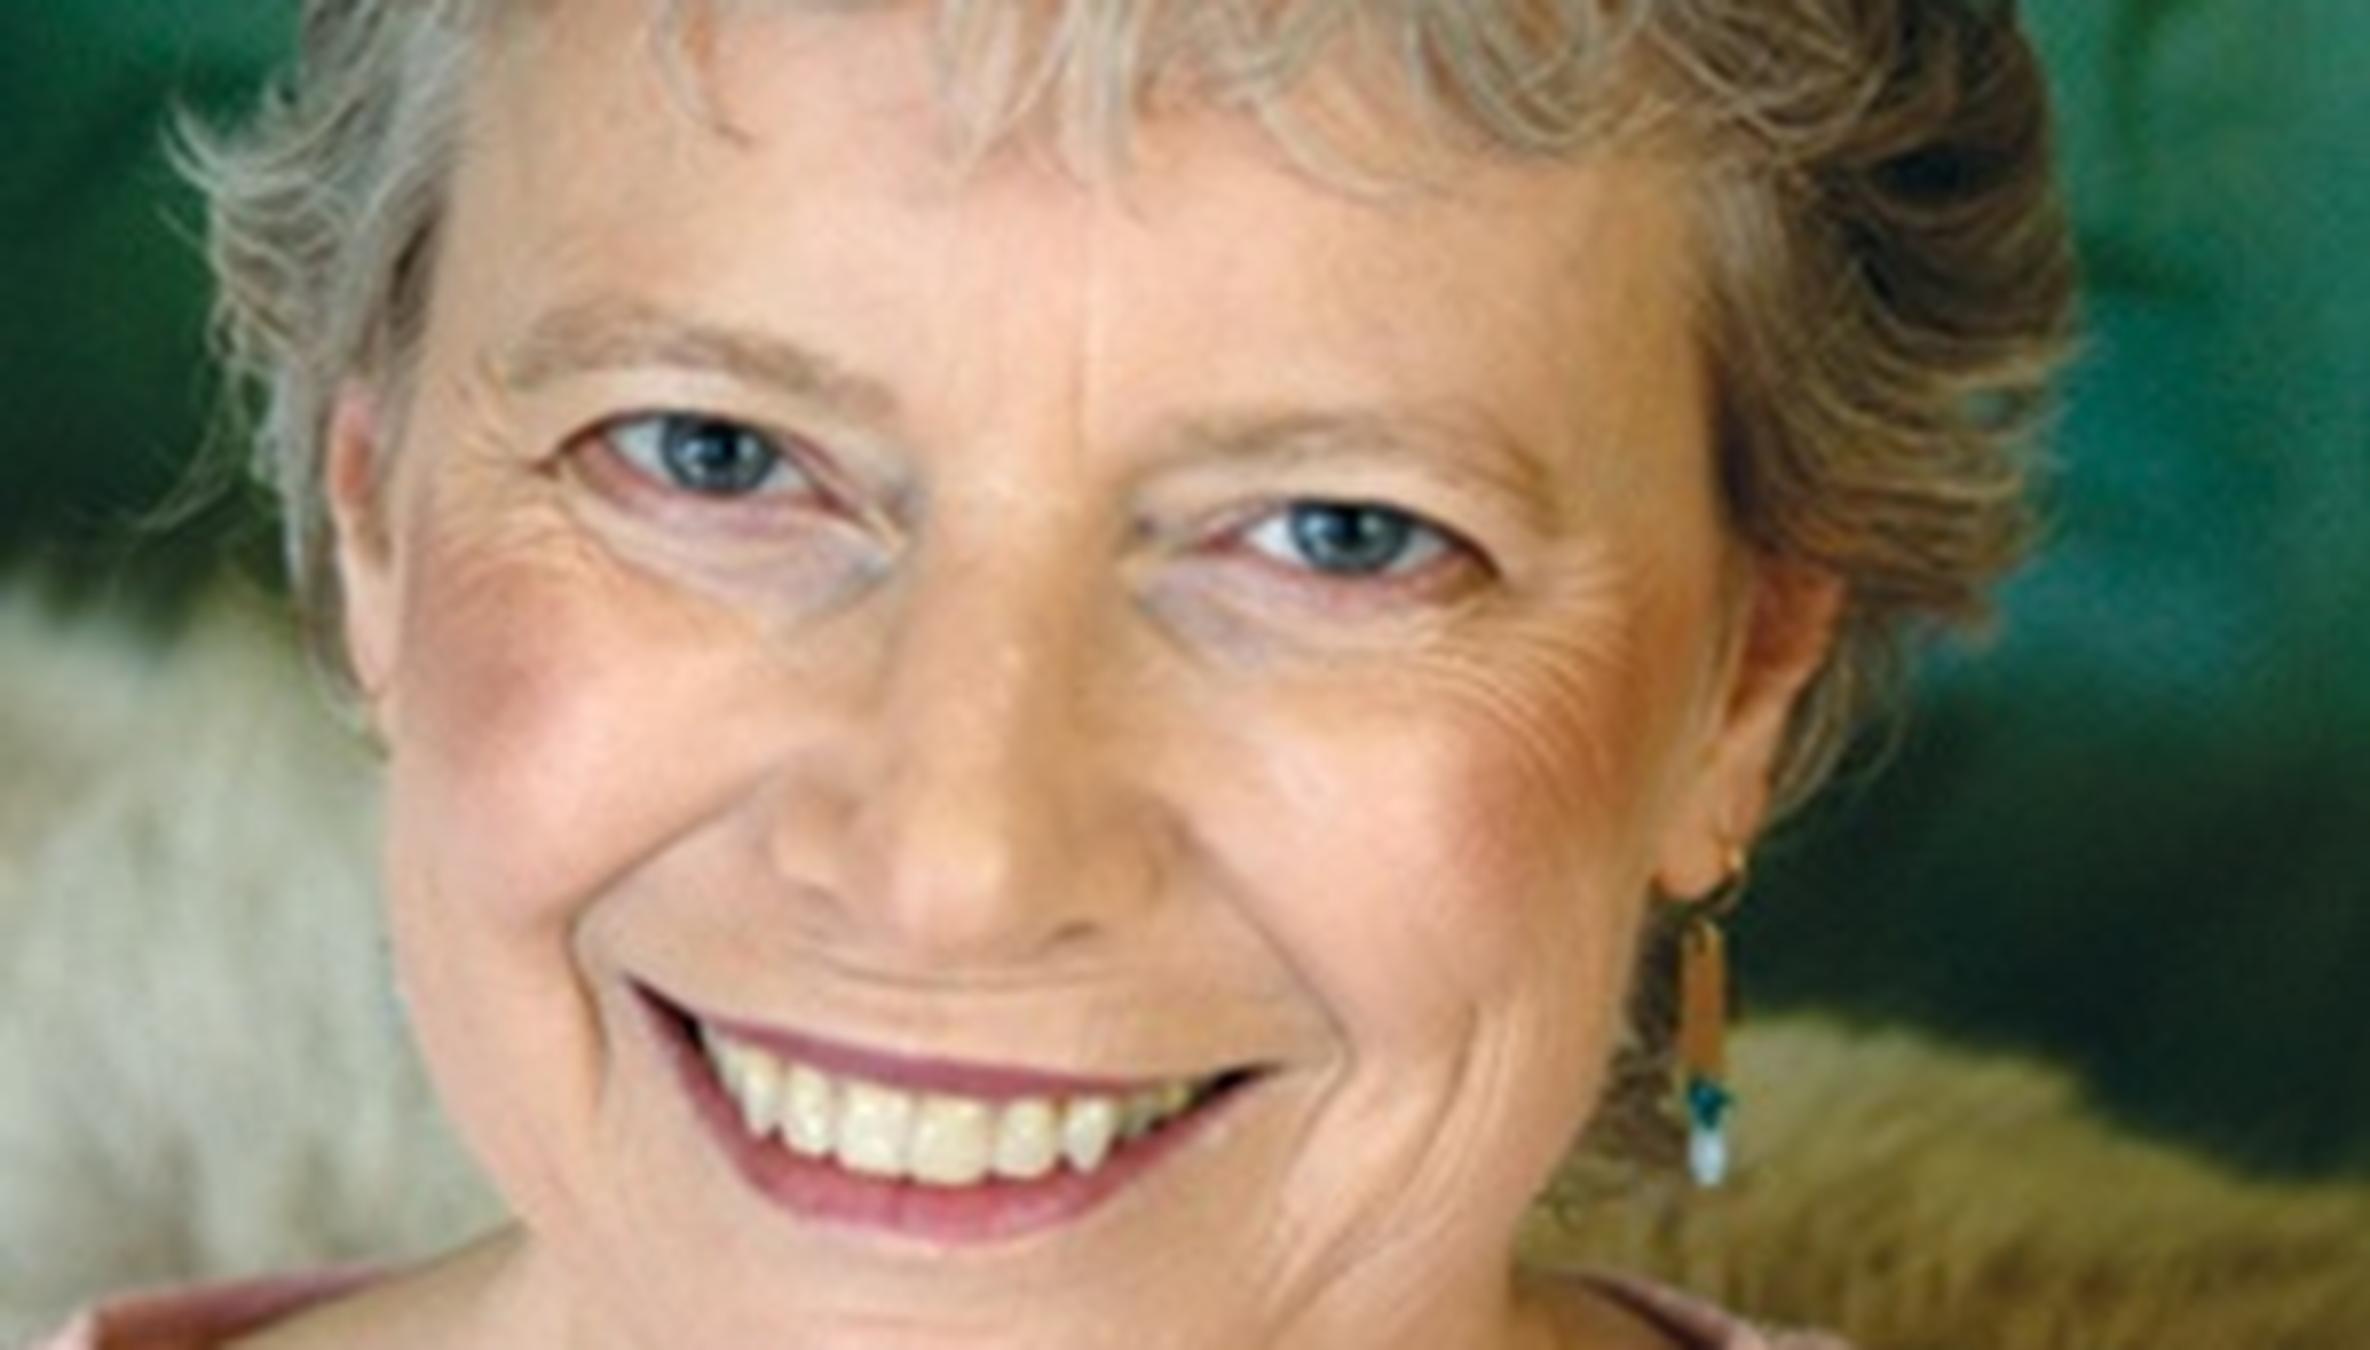 Marsha Dietlein Bennett,Evelyn Varden Adult nude Janet Leigh,Susan Bottomly